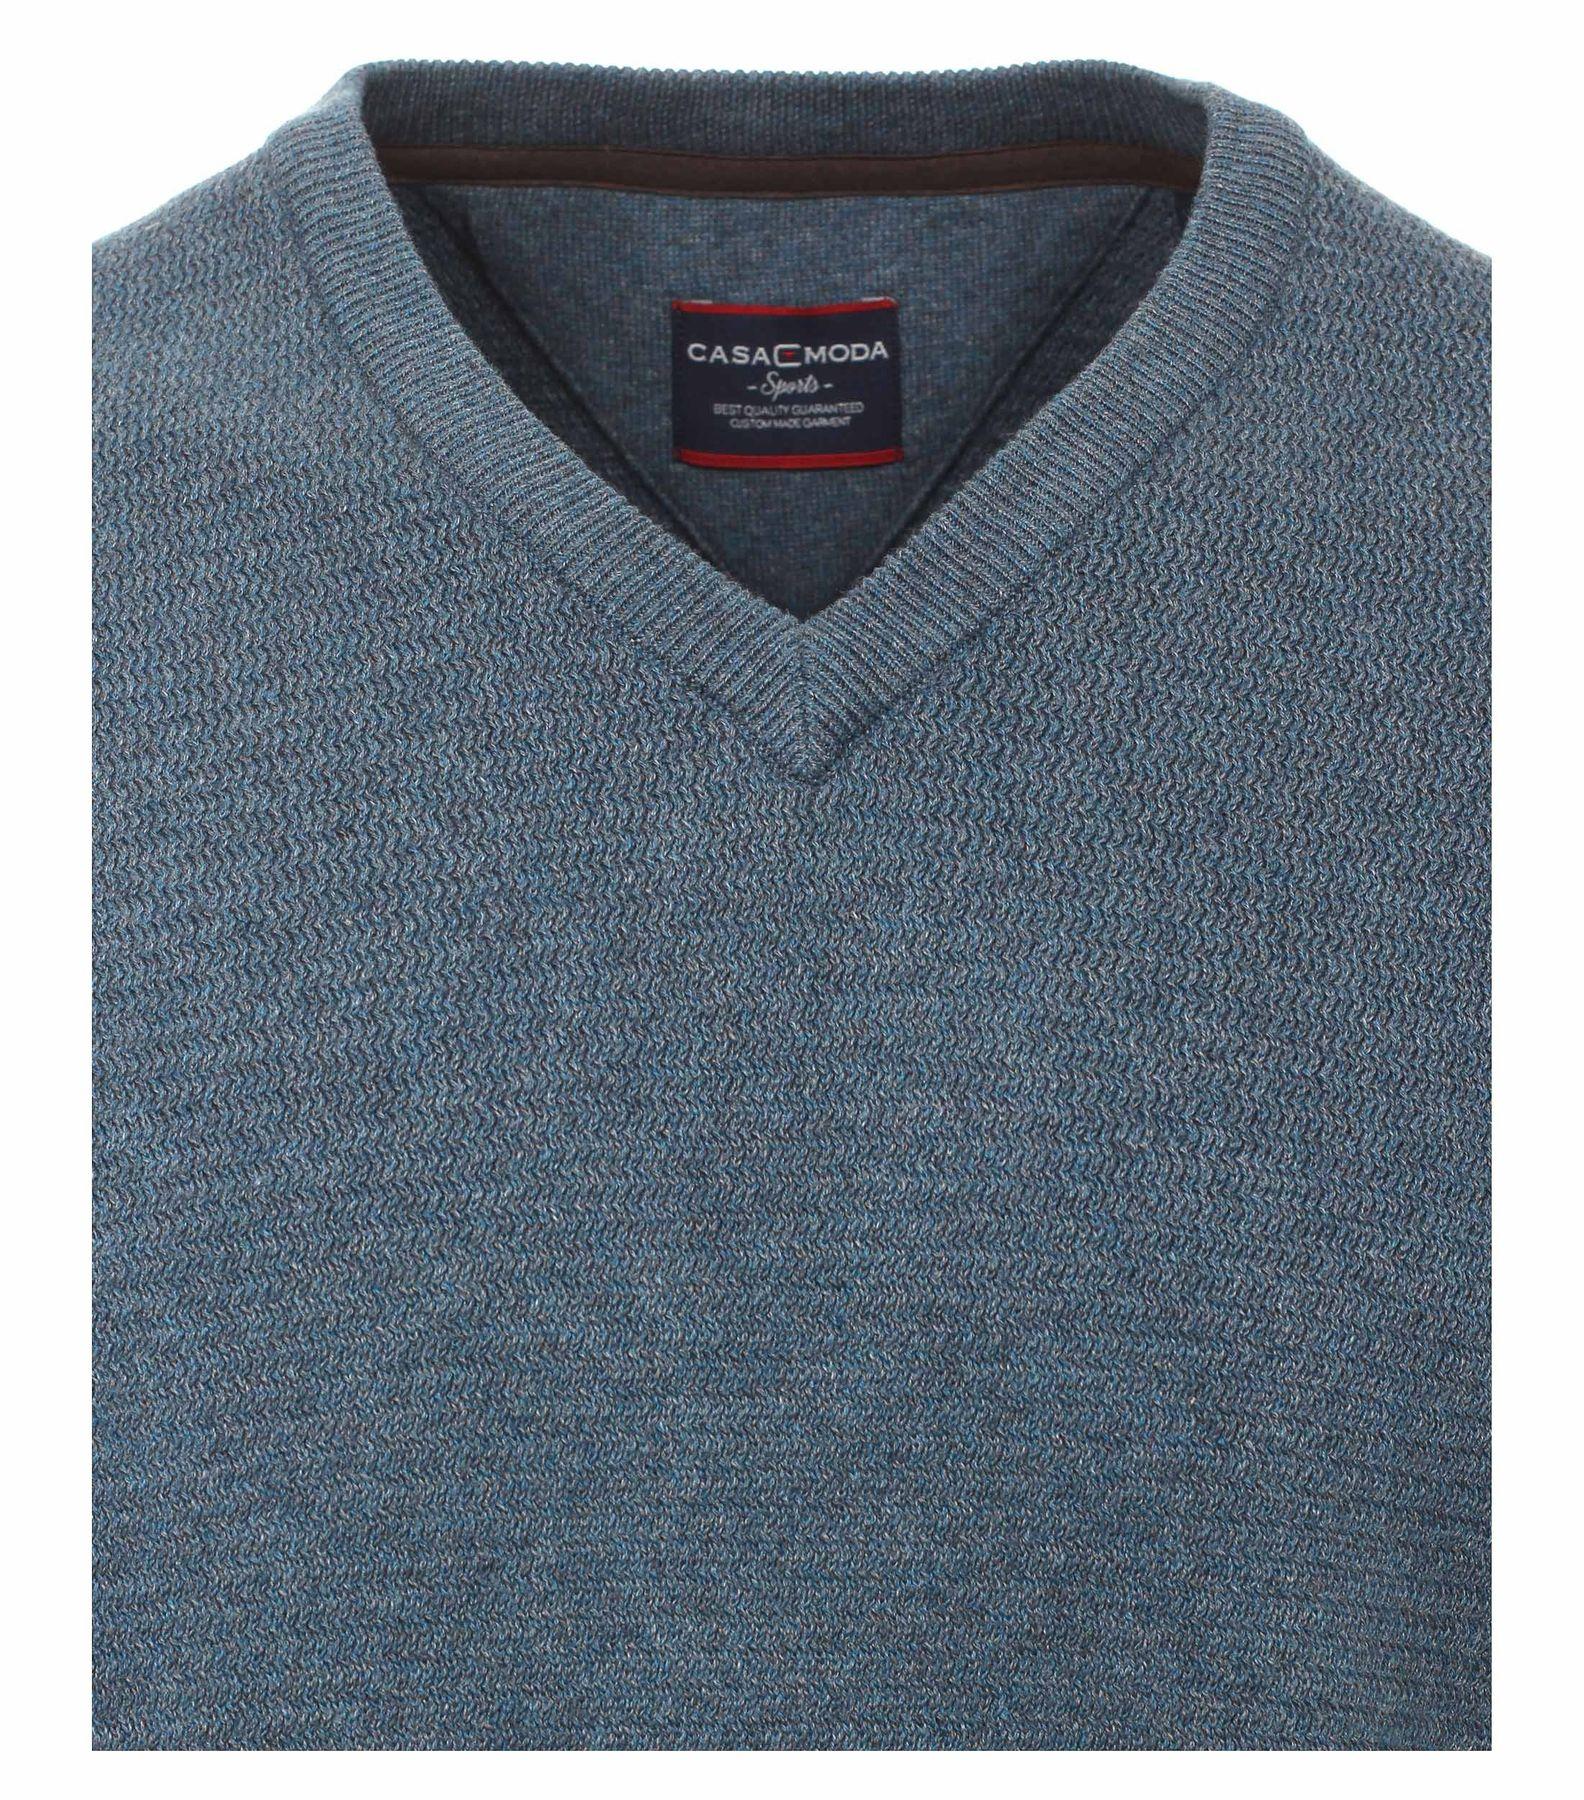 Casa Moda - Herren Pullover mit V-Ausschnitt in Melange Optik (462521200A) – Bild 3